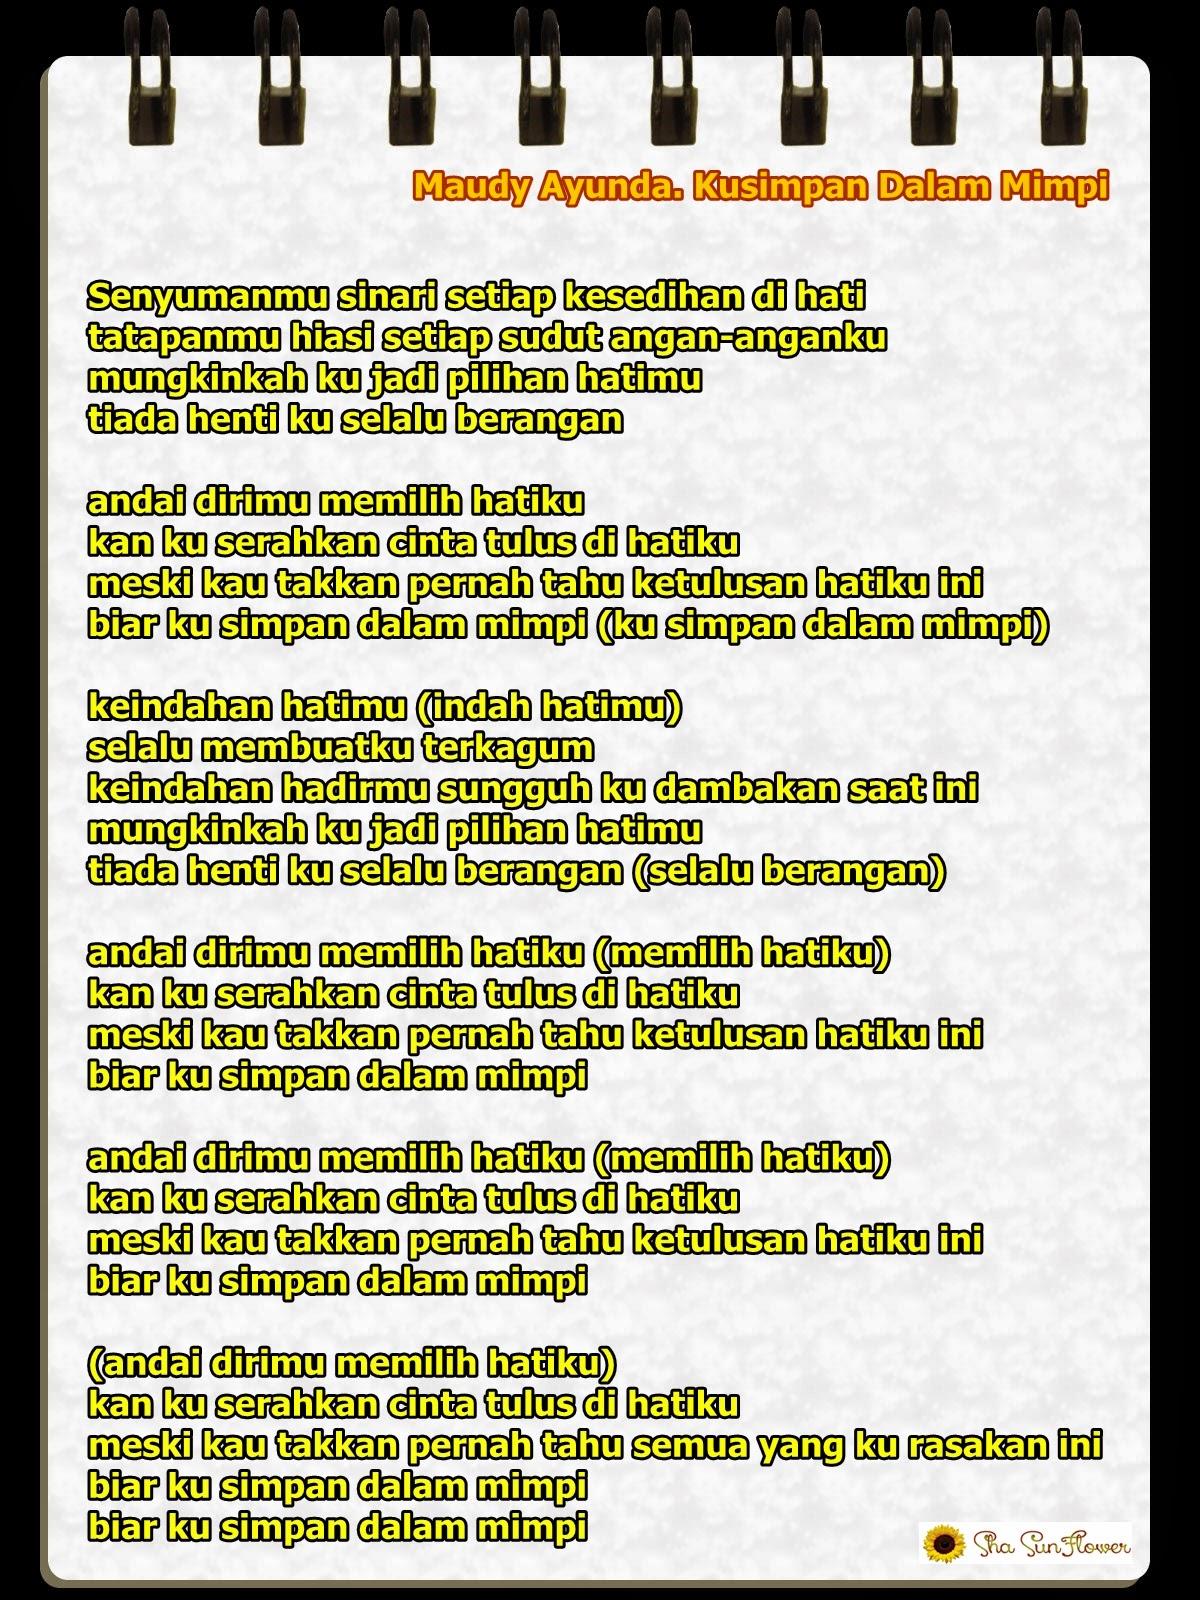 Lirik Lagu Untuk Apa Maudy Ayunda Ilmu Pengetahuan 6